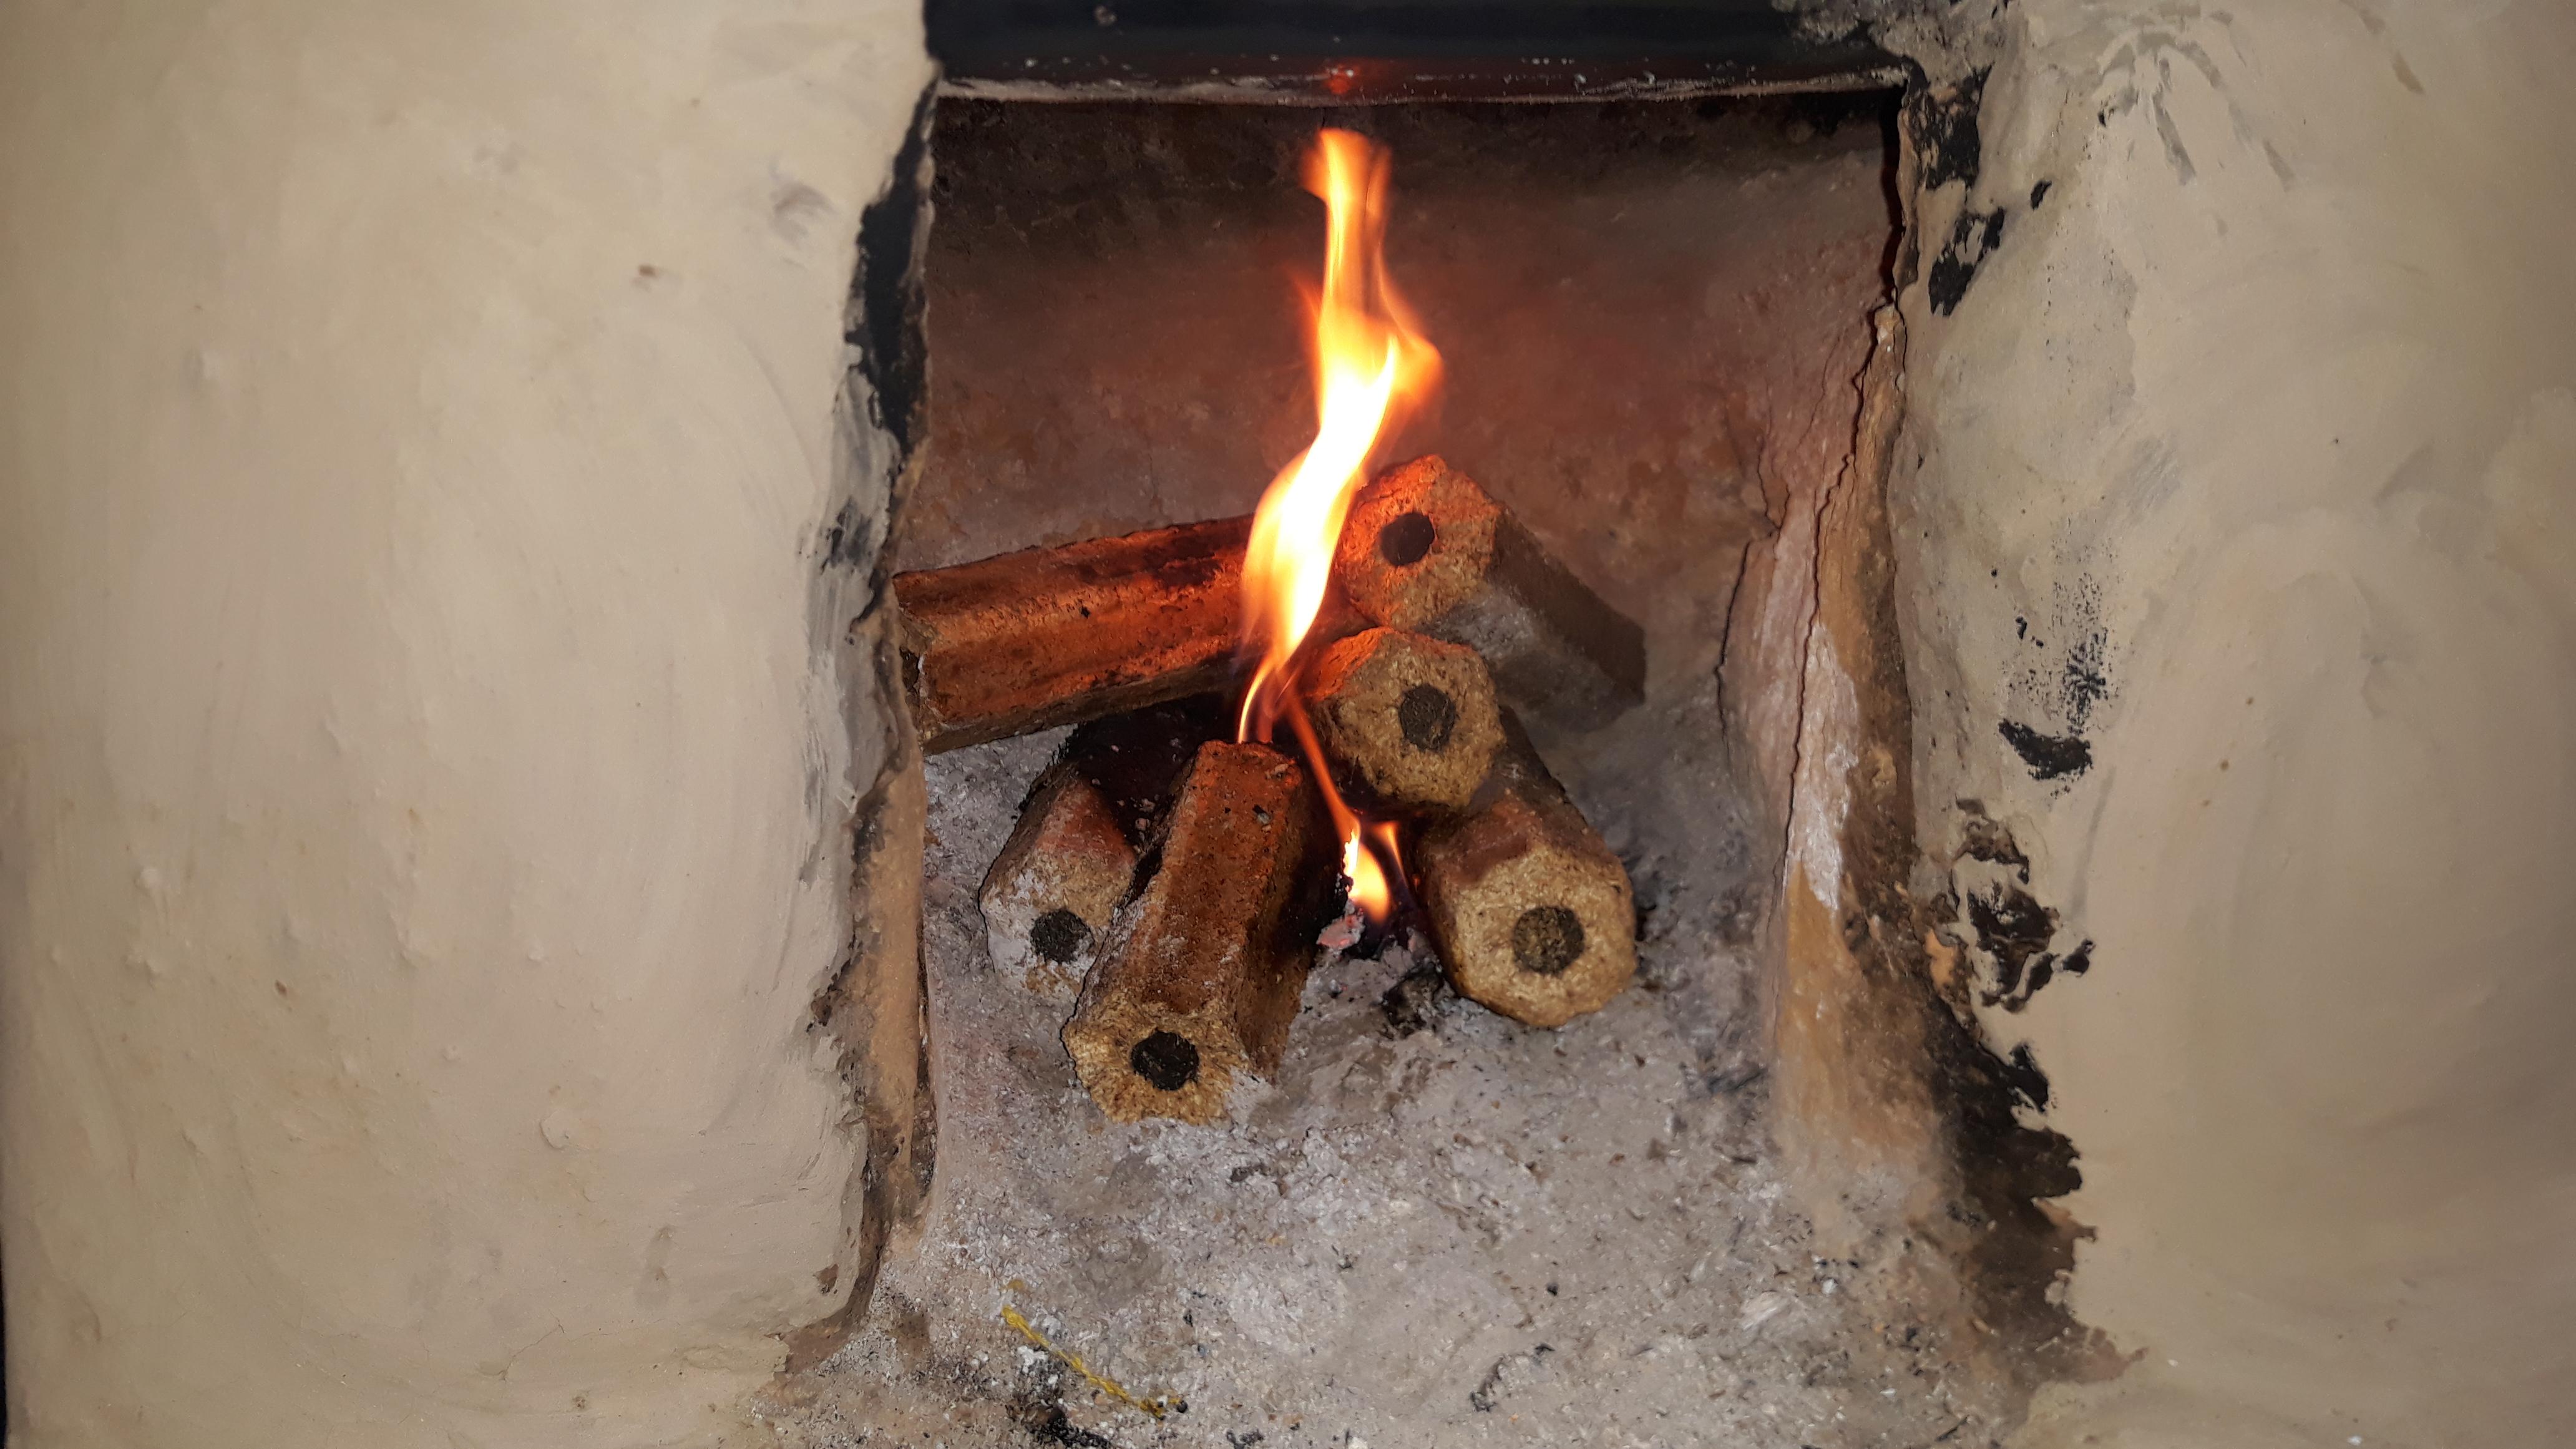 Leña+ usándose en fuegos tradicionales.